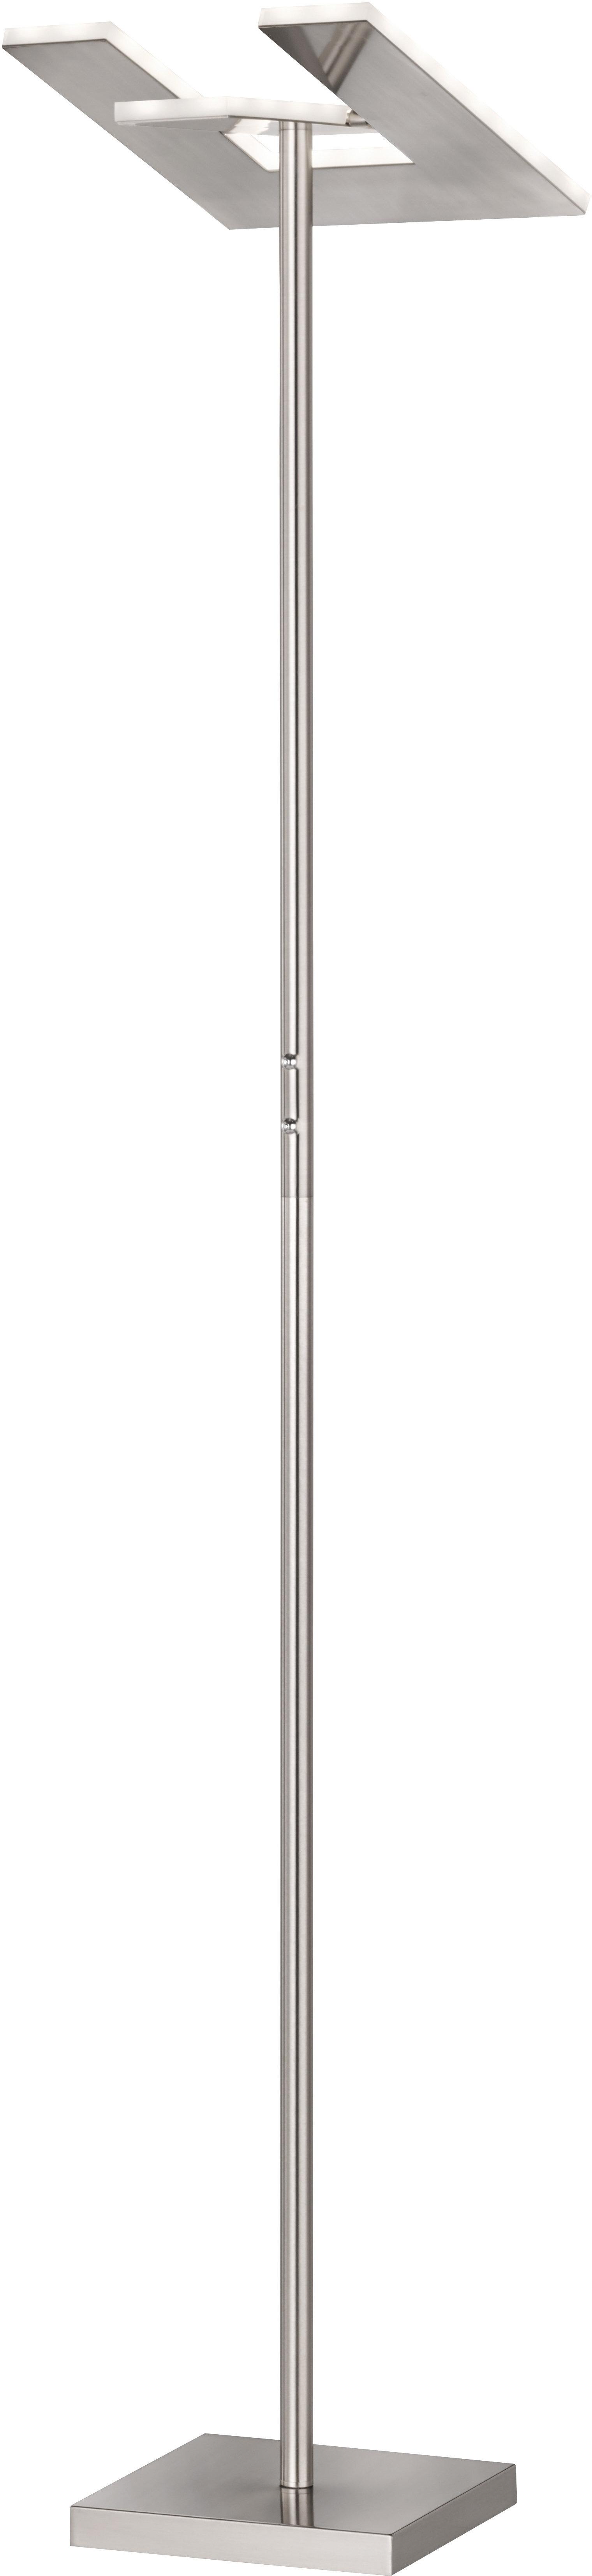 Επιδαπέδιο φωτιστικό FH T-Inlia smart